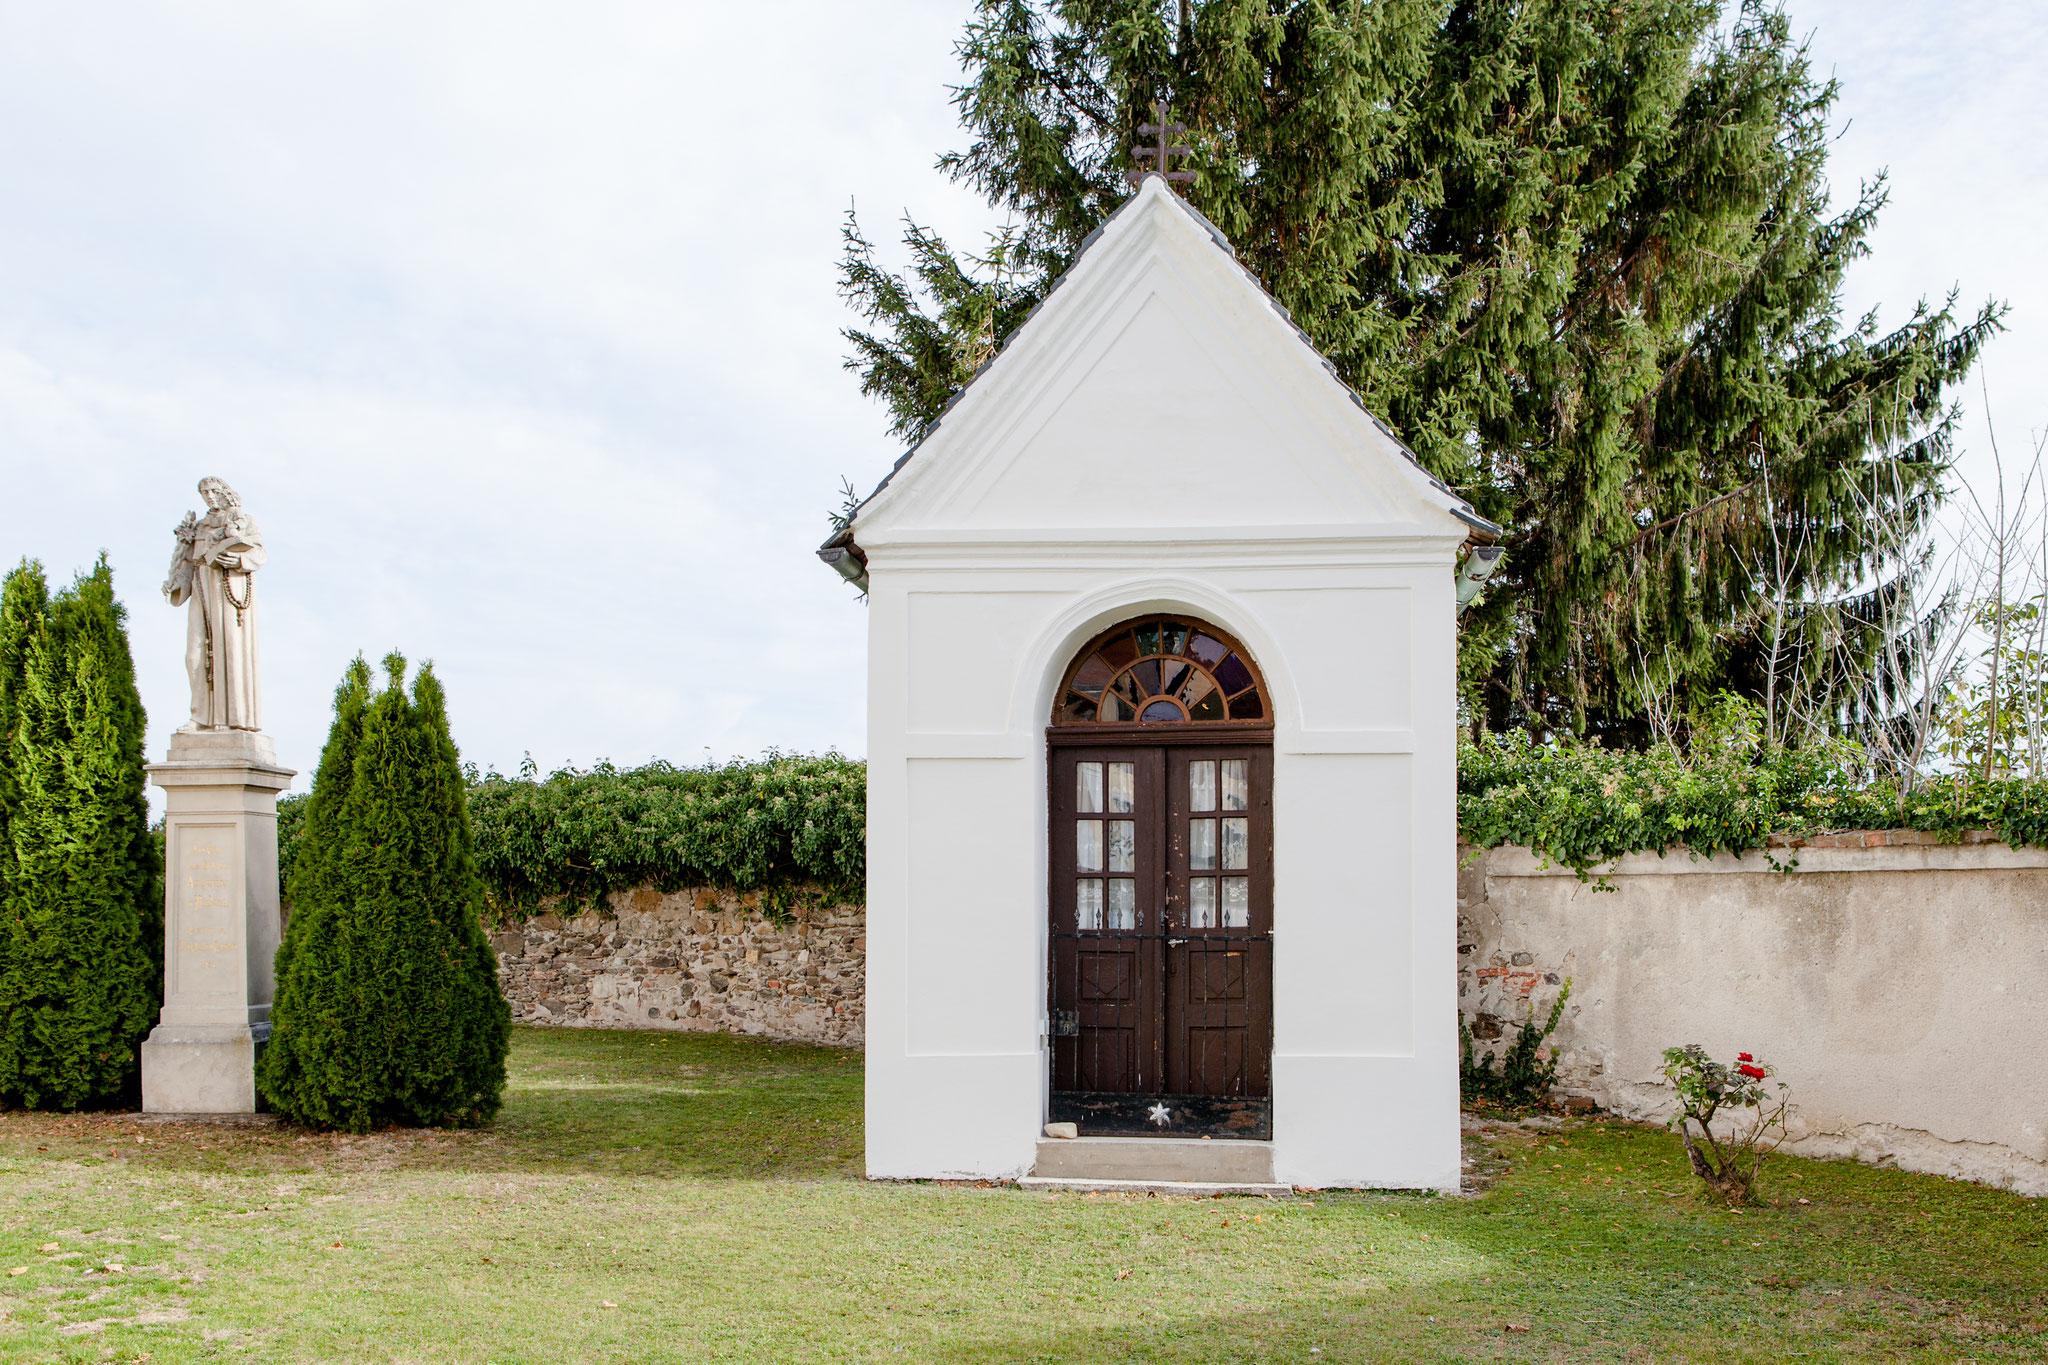 Kapelle im Kirchhof: Betreut von Familie Janoch, Badgasse 19